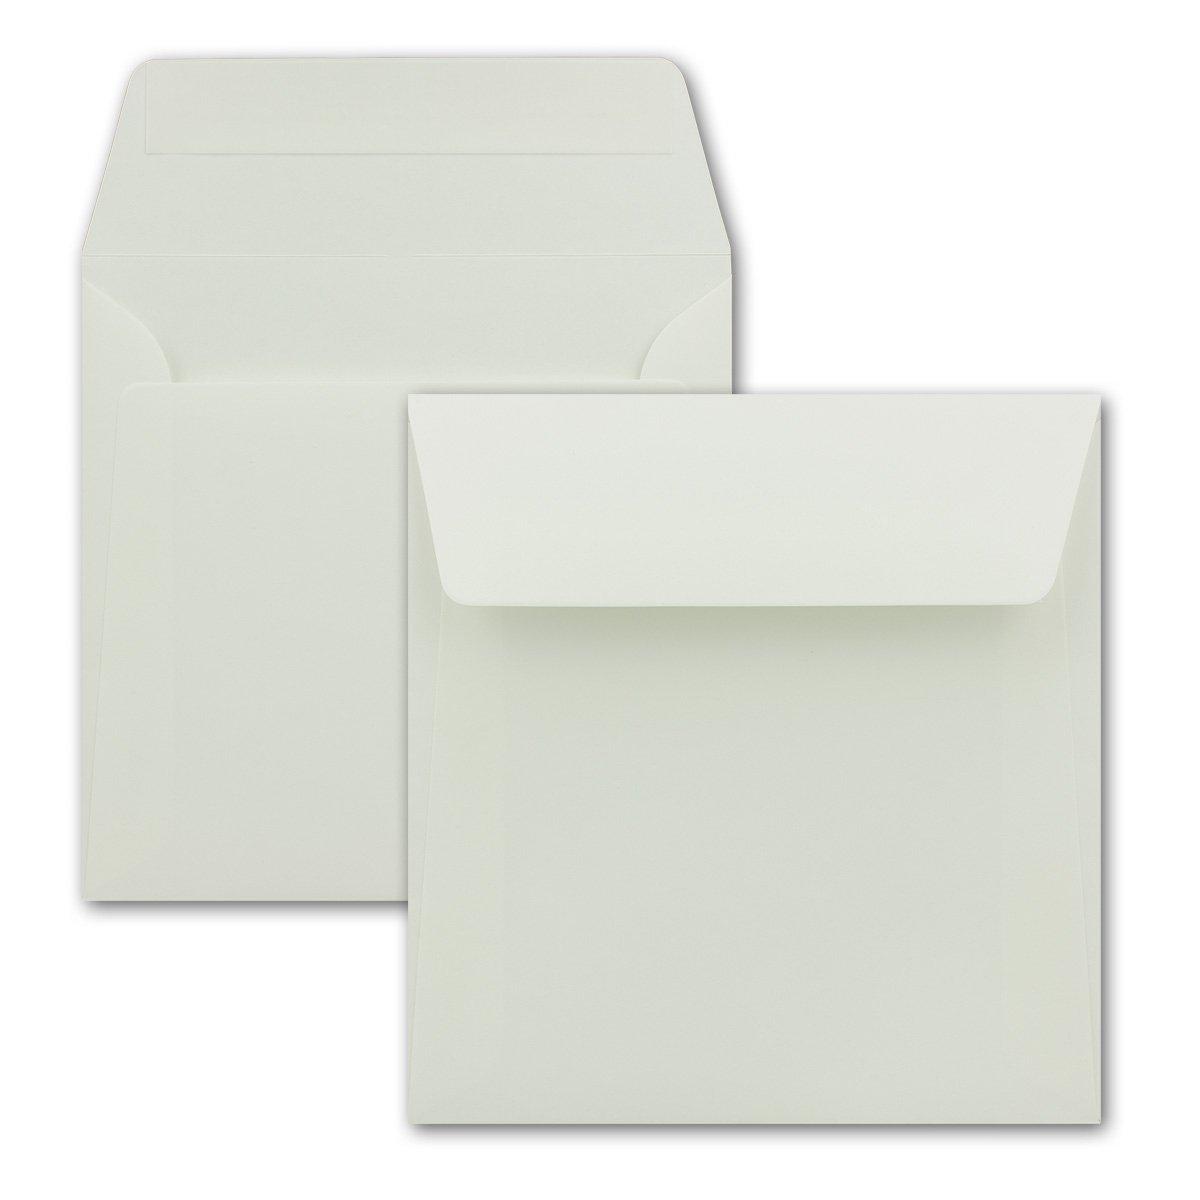 Buste di colore bianco, formato quadrato 160 x 160 mm, con striscia adesiva 200 Umschlä ge bianco formato quadrato 160x 160mm con striscia adesiva 200 Umschläge bianco NEUSER